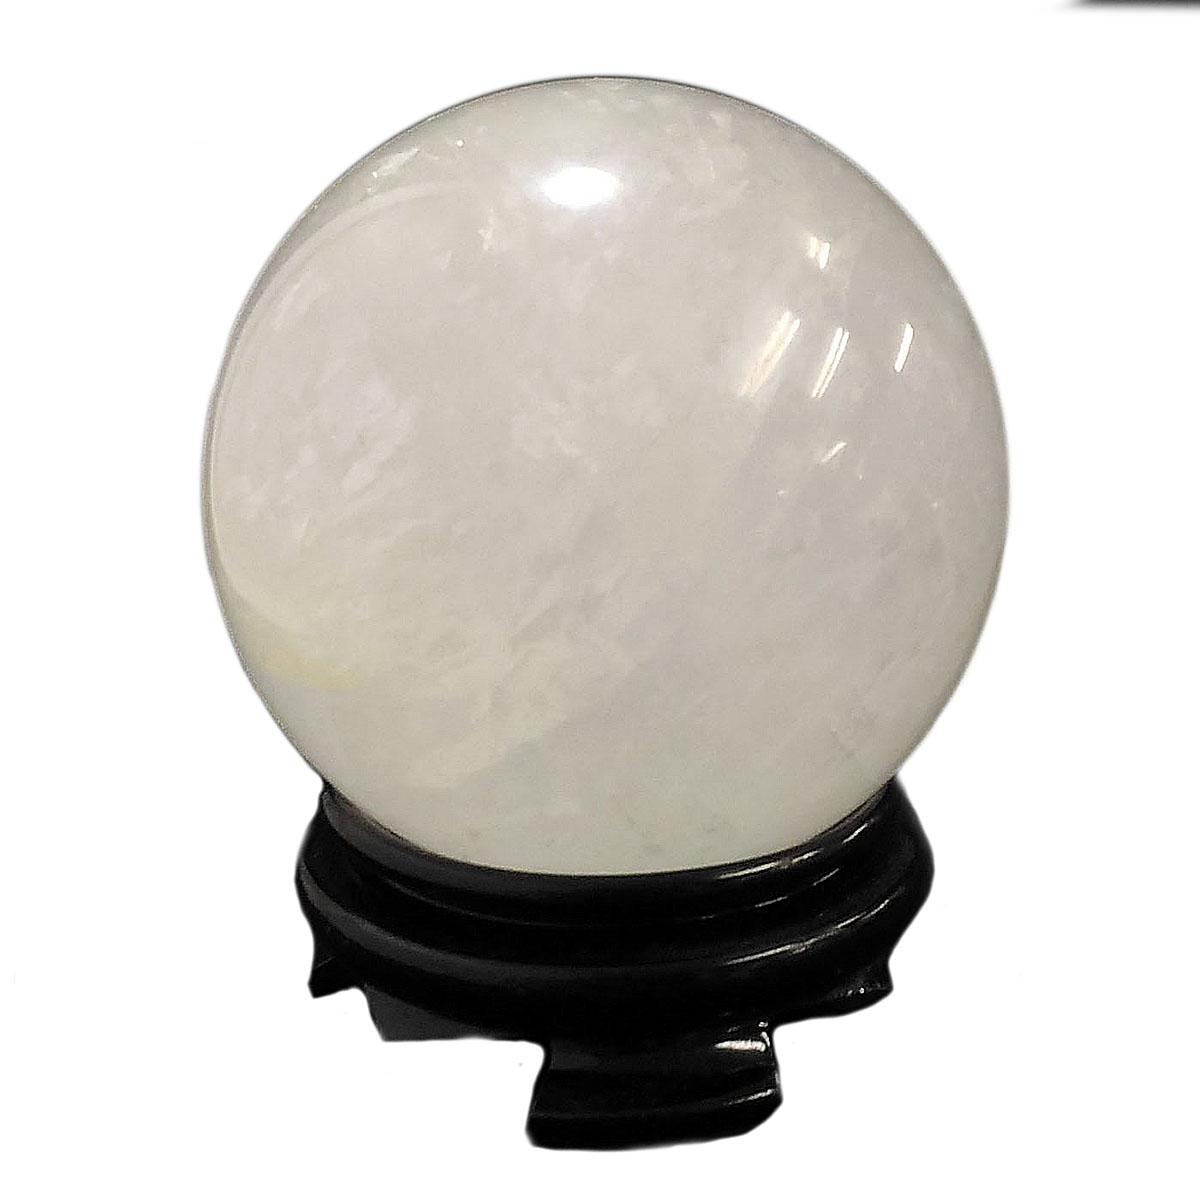 【1点限定】 ホワイトカルサイト/丸玉/約90mm 天然石 原石 パワーストーン スピリチュアル ヒーリング コレクション